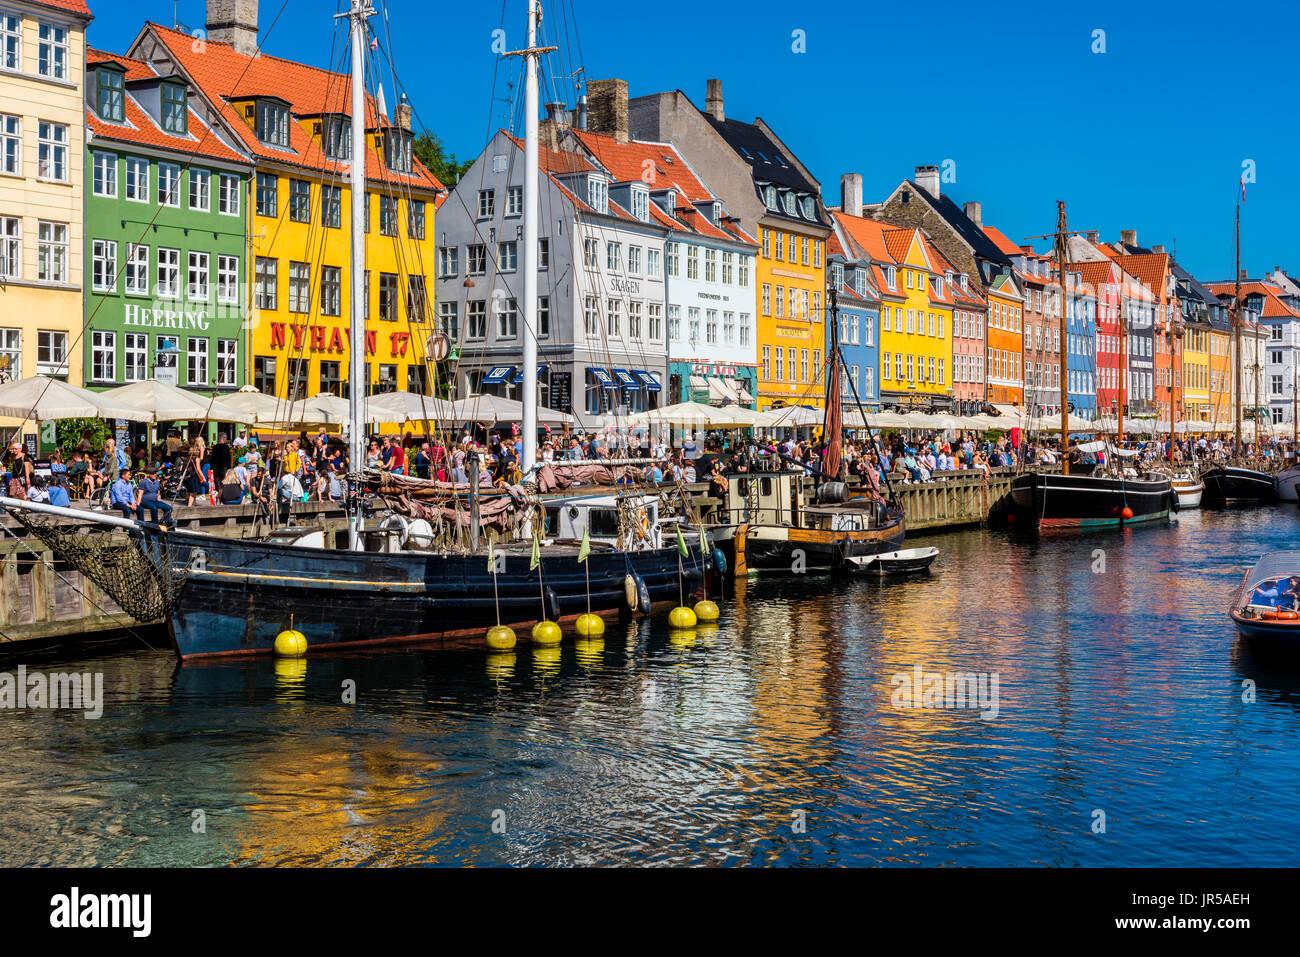 Nyhavn harbor and promenade in Copenhagen, Denmark. Nyhavn is the most famous landmark of Copenhagen. Stock Photo